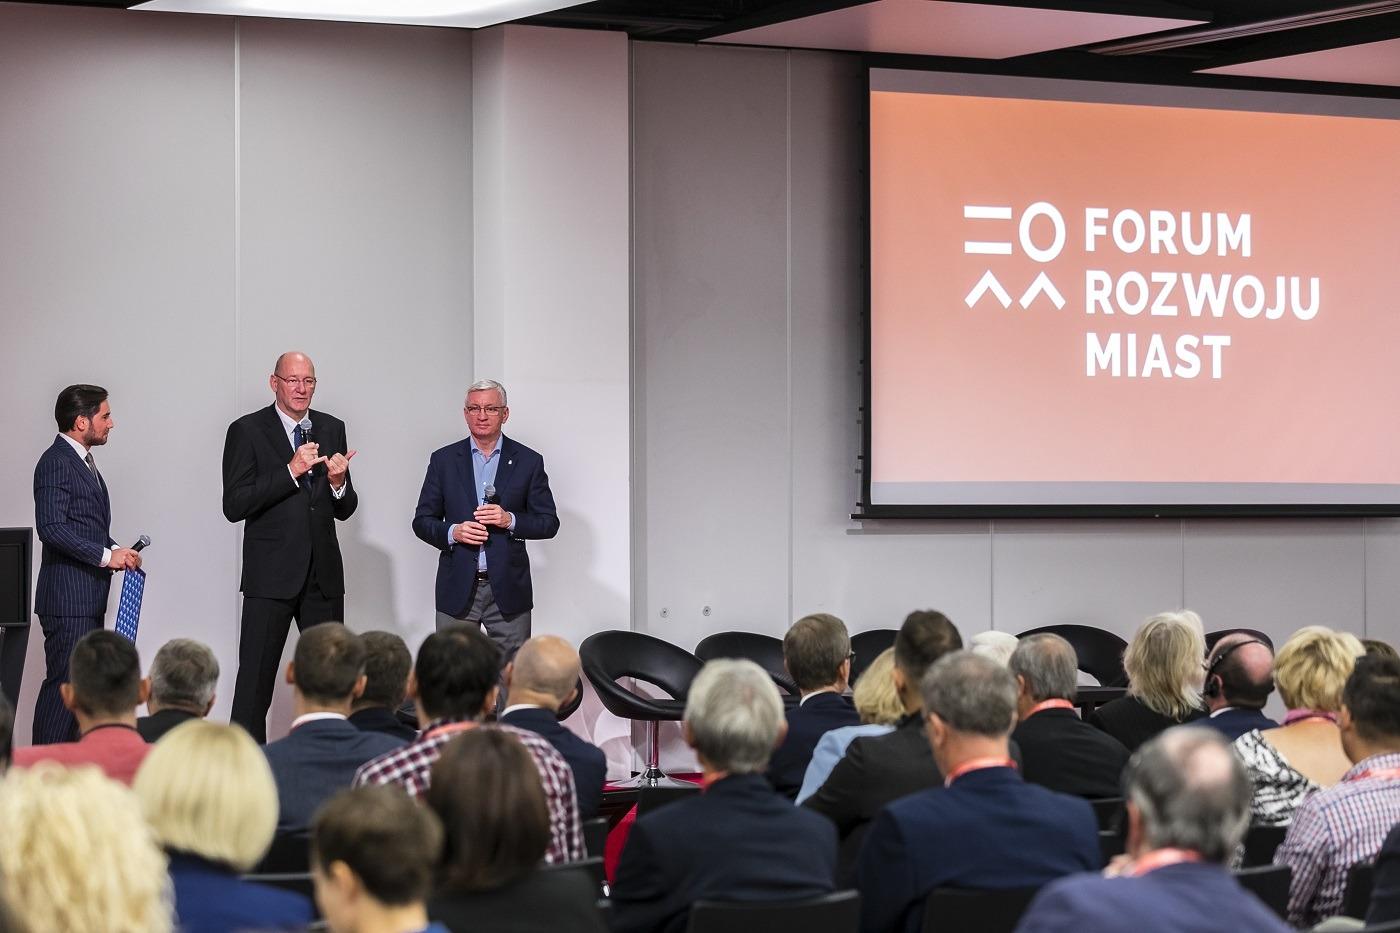 II Forum Rozwoju Miast w Poznaniu